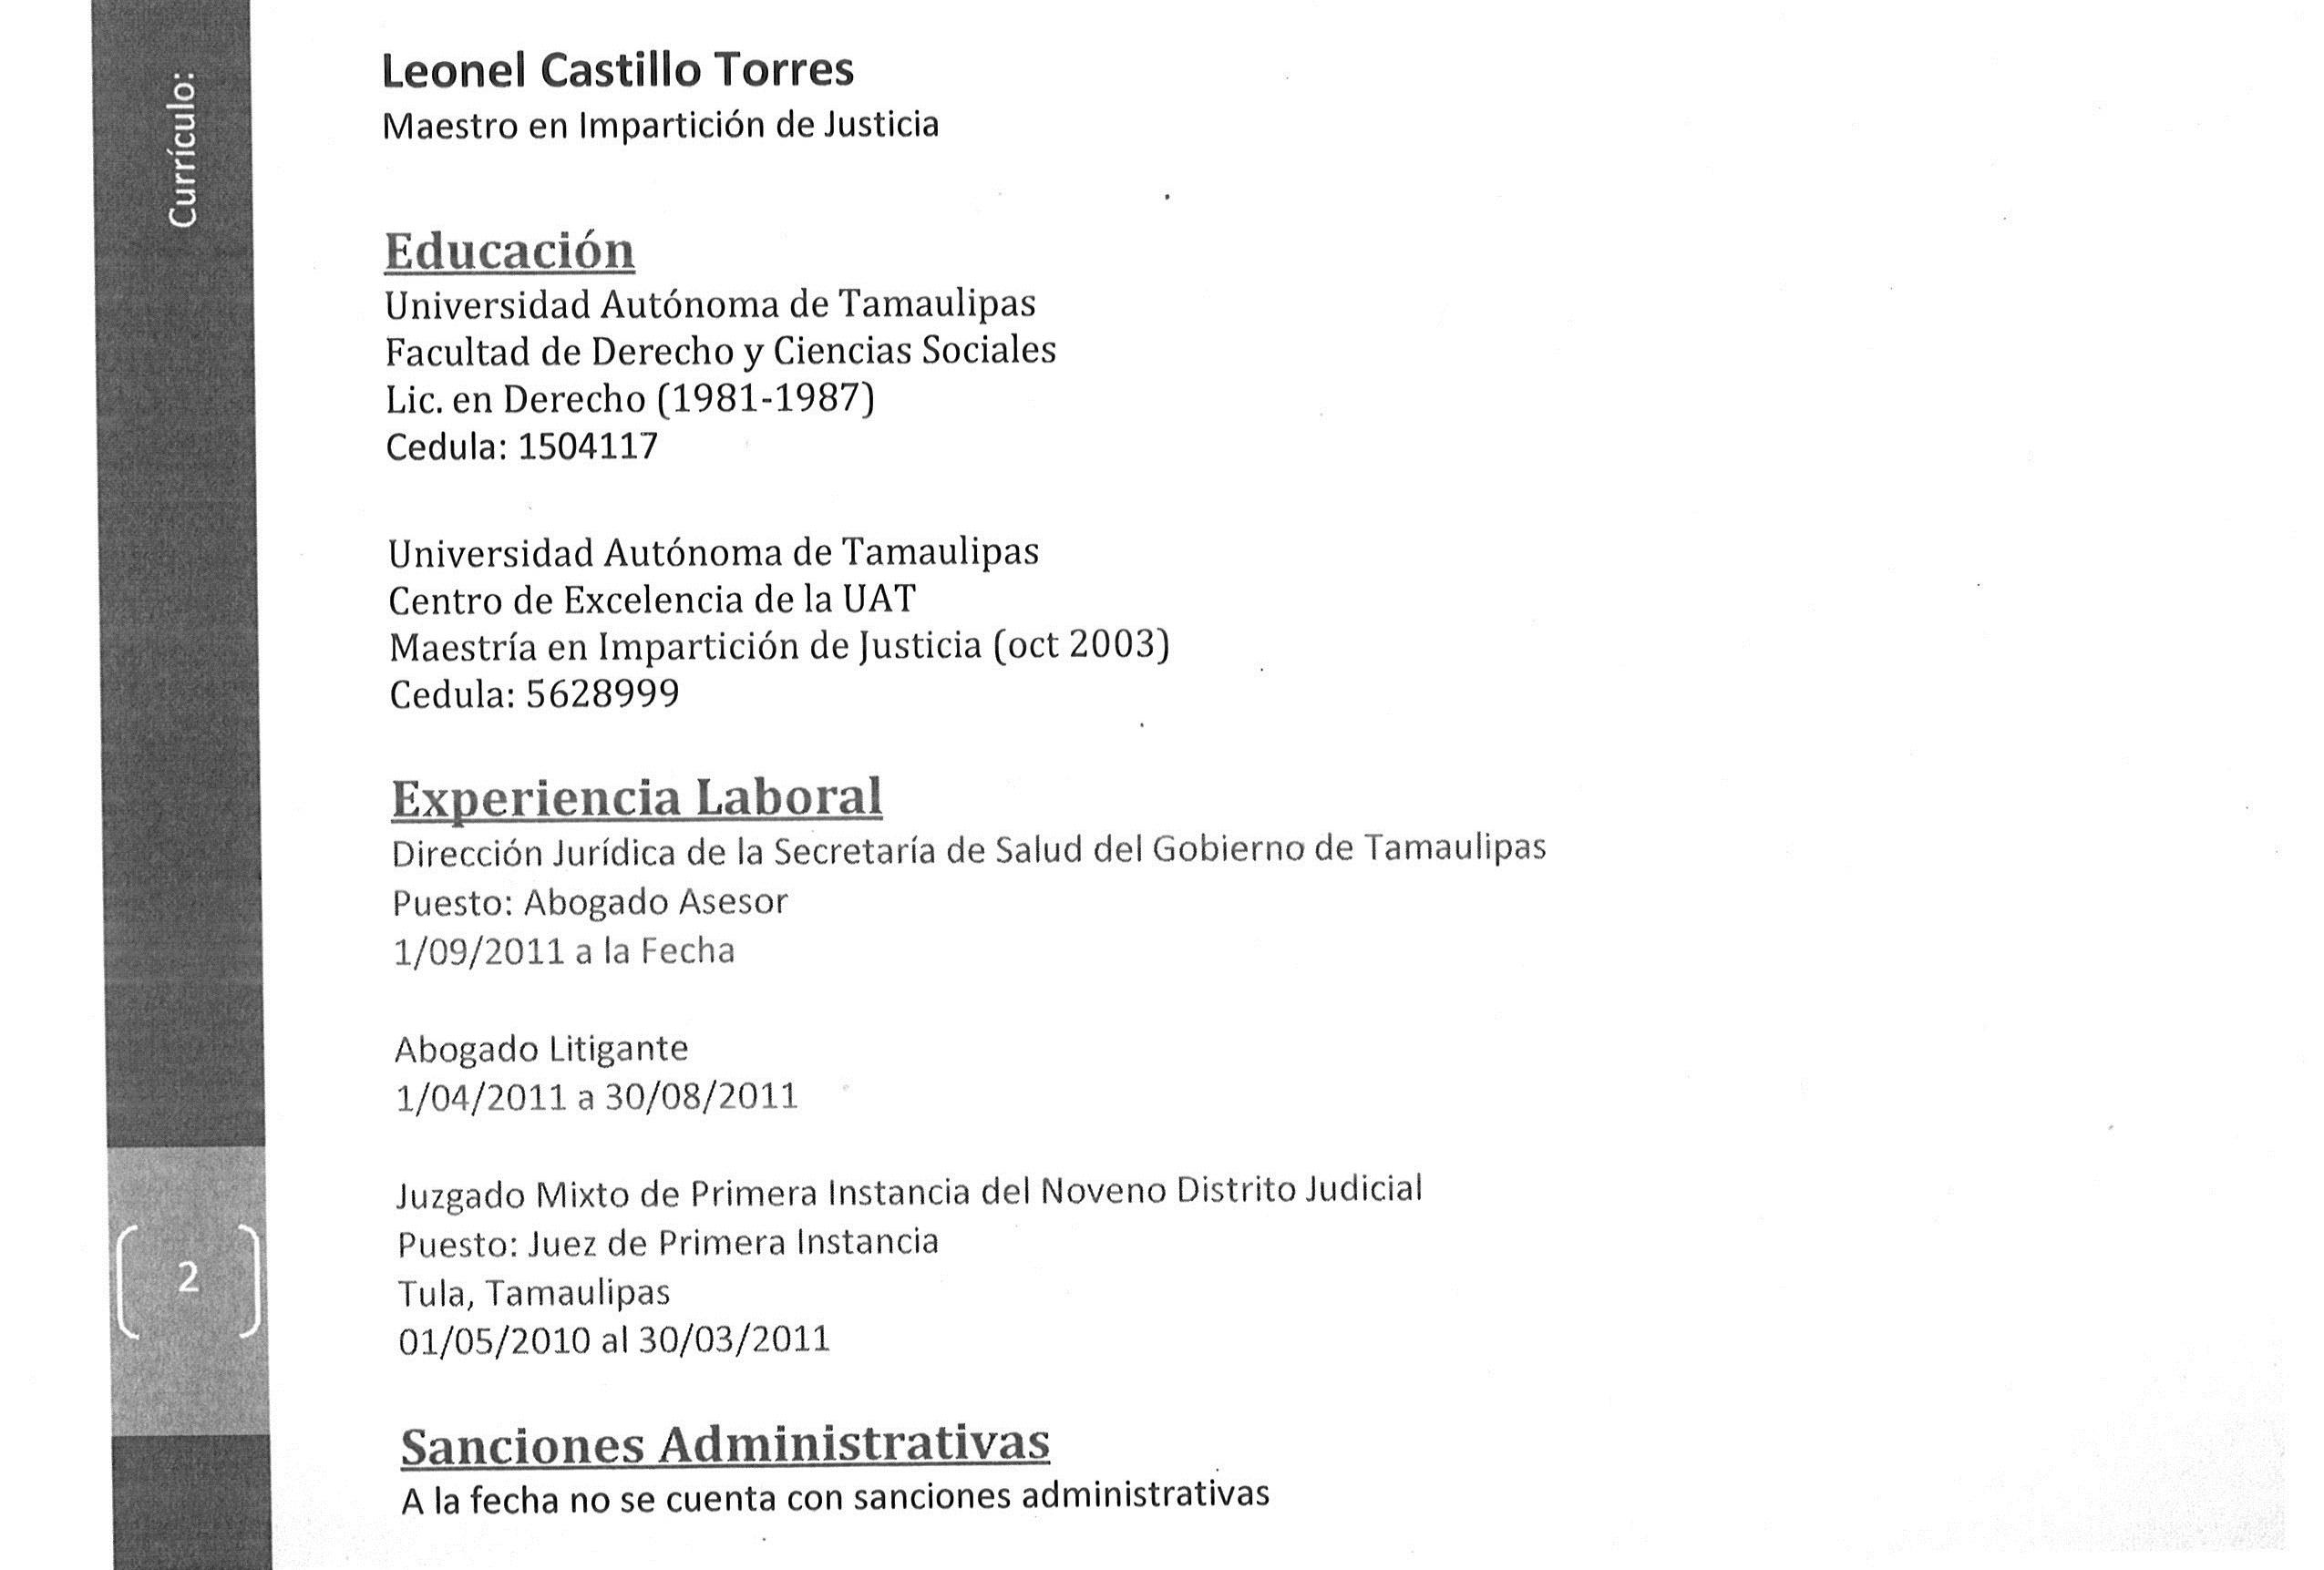 Vistoso Ejemplos De Currículum De Maestros Ideas - Ejemplo De ...